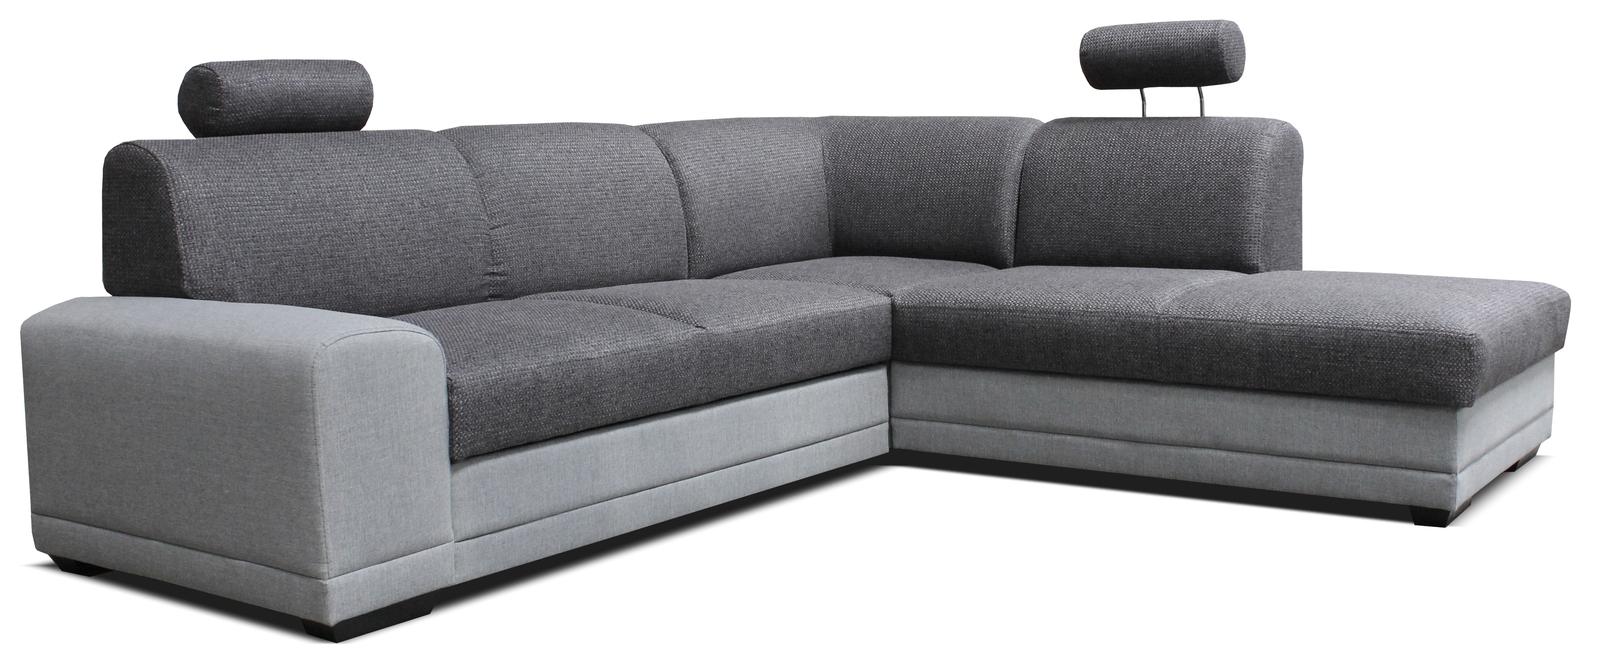 Rohová sedačka - Famm - Laon II 2F+L (P) svetlo/tmavosivá